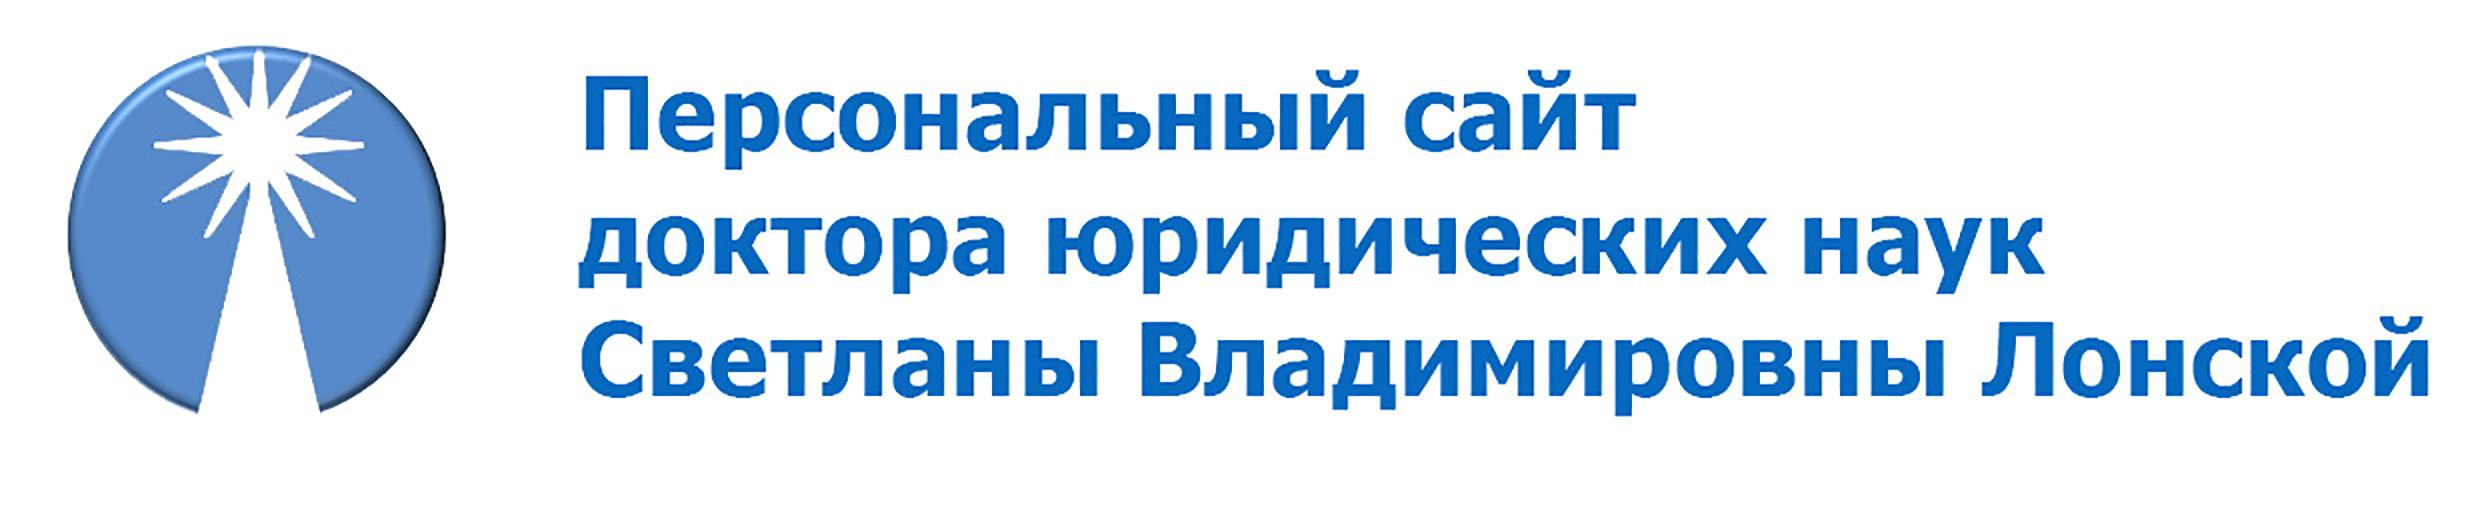 svlonskaya logo2